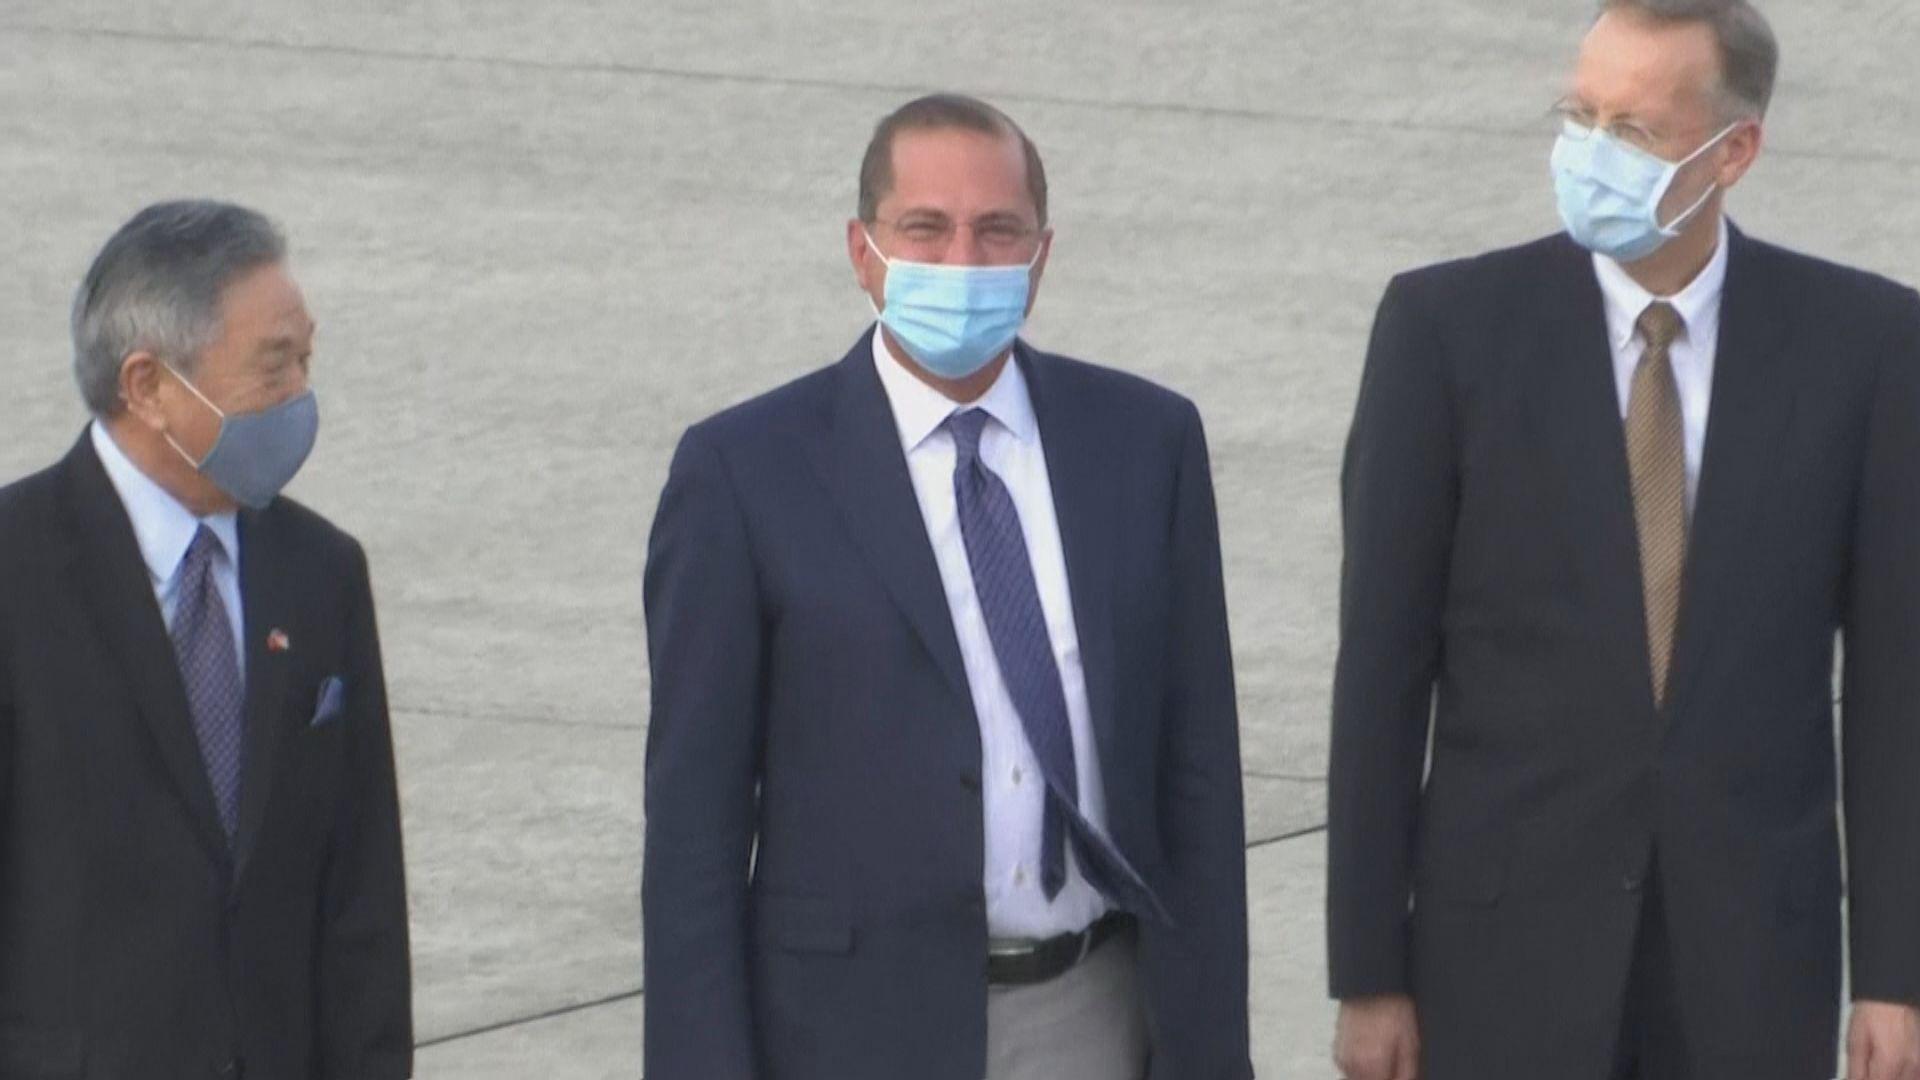 美衞生部長阿扎周三將弔唁前總統李登輝